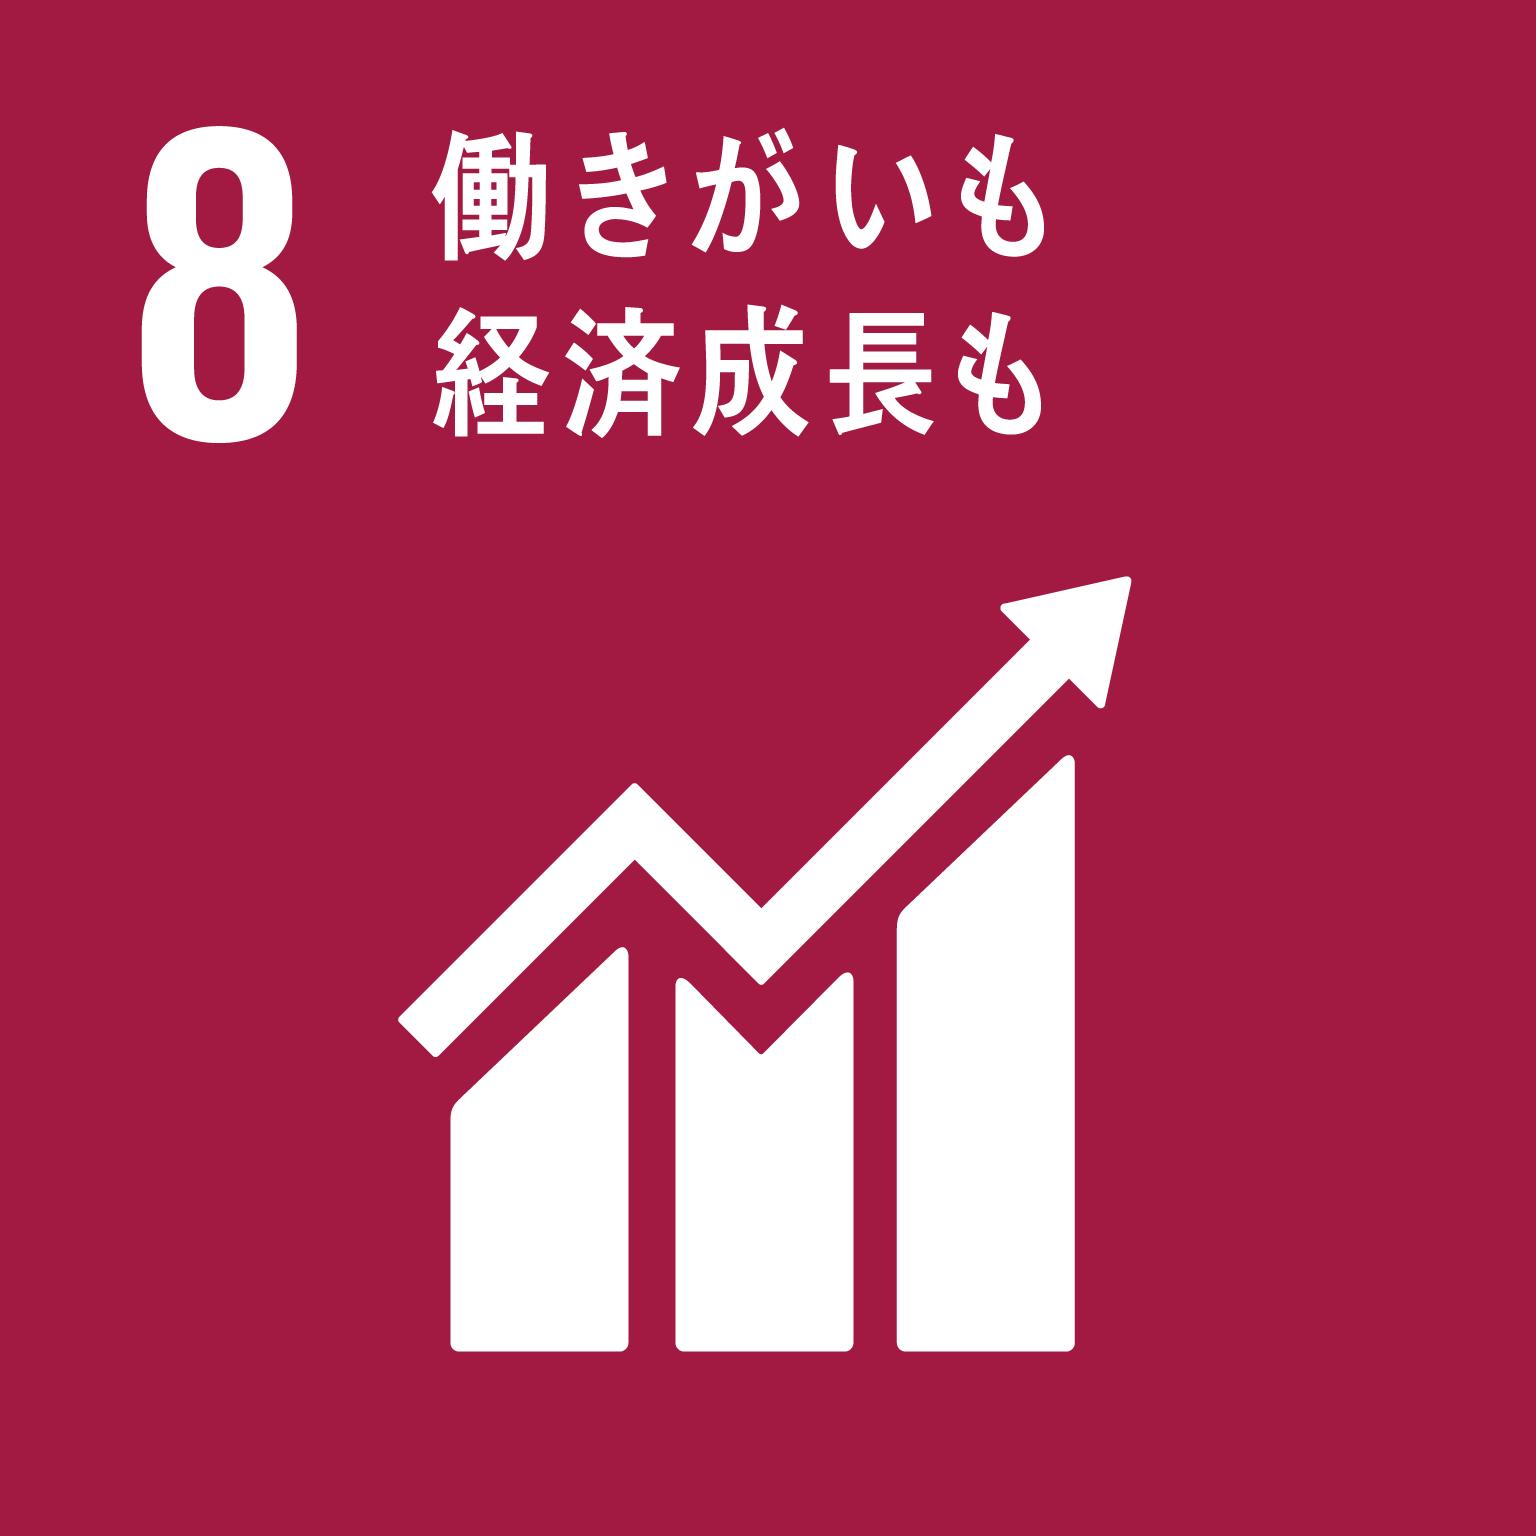 目標8: 働きがいも経済成長も